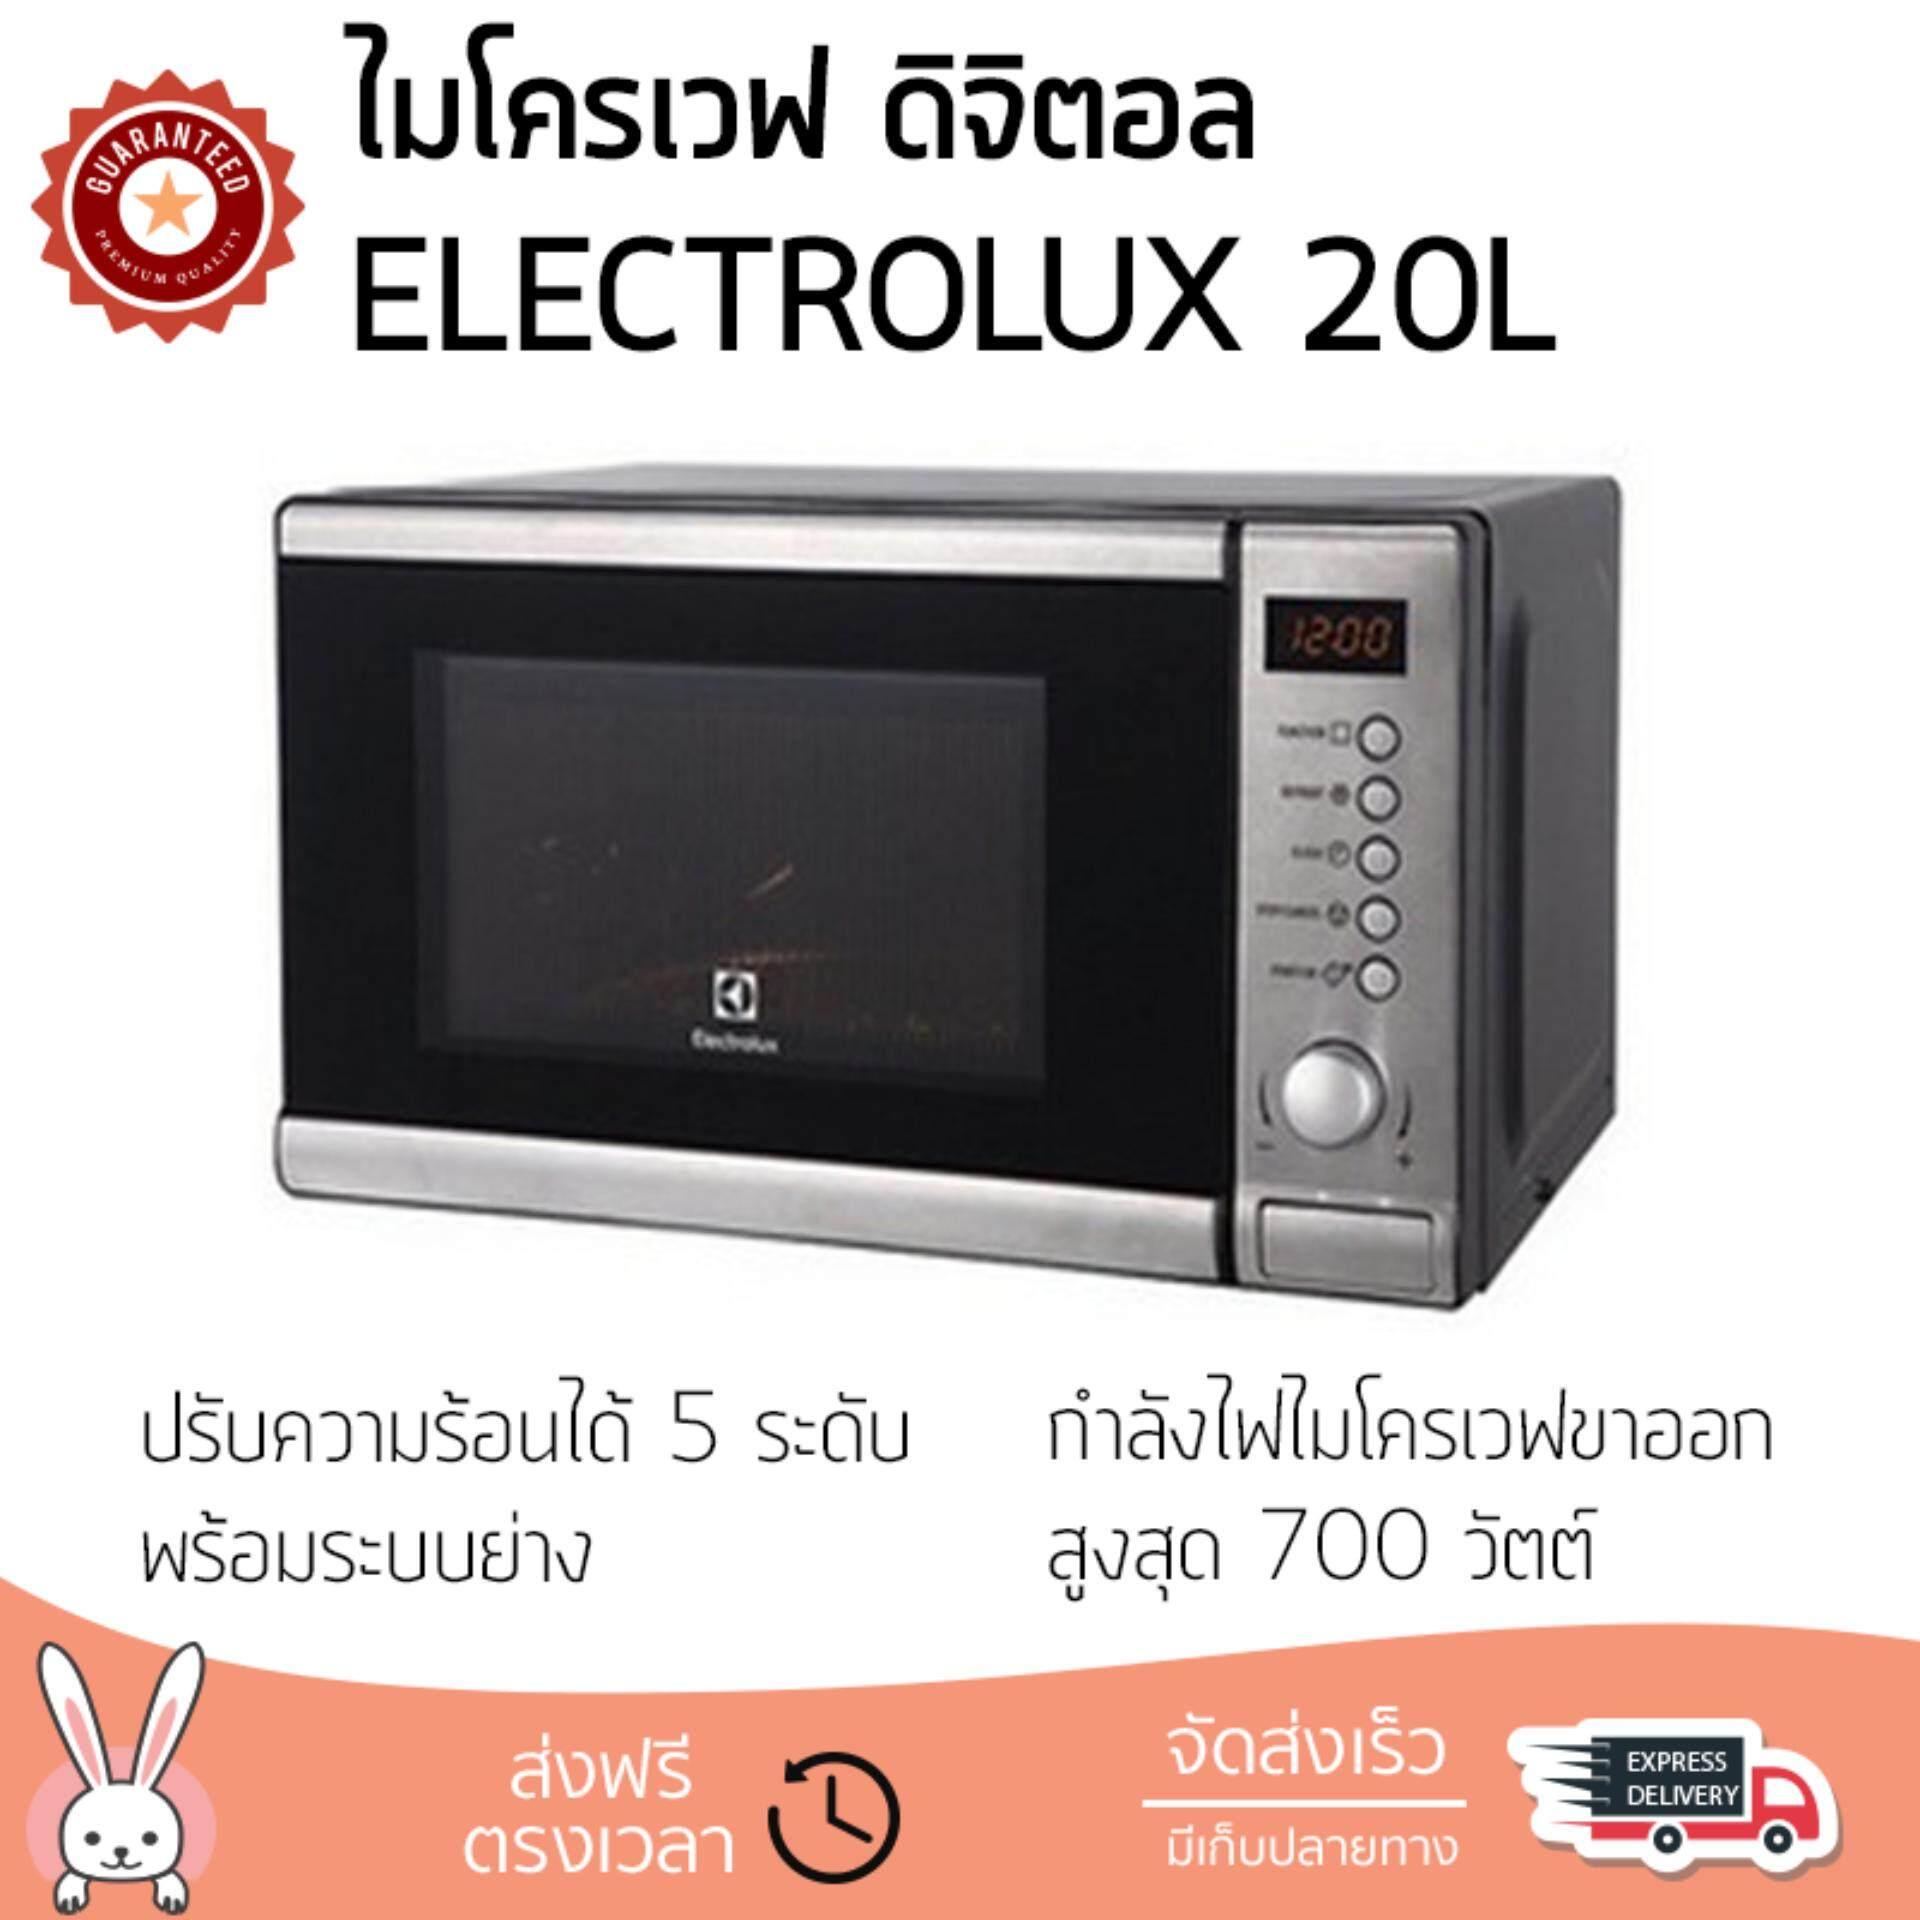 รุ่นใหม่ล่าสุด ไมโครเวฟ เตาอบไมโครเวฟ ไมโครเวฟ ดิจิตอล ELECTROLUX EMS2027GX 20L | ELECTROLUX | EMS2027GX ปรับระดับความร้อนได้หลายระดับ  มีฟังก์ชันละลายน้ำแข็ง ใช้งานง่าย Microwave จัดส่งฟรีทั่วประเทศ